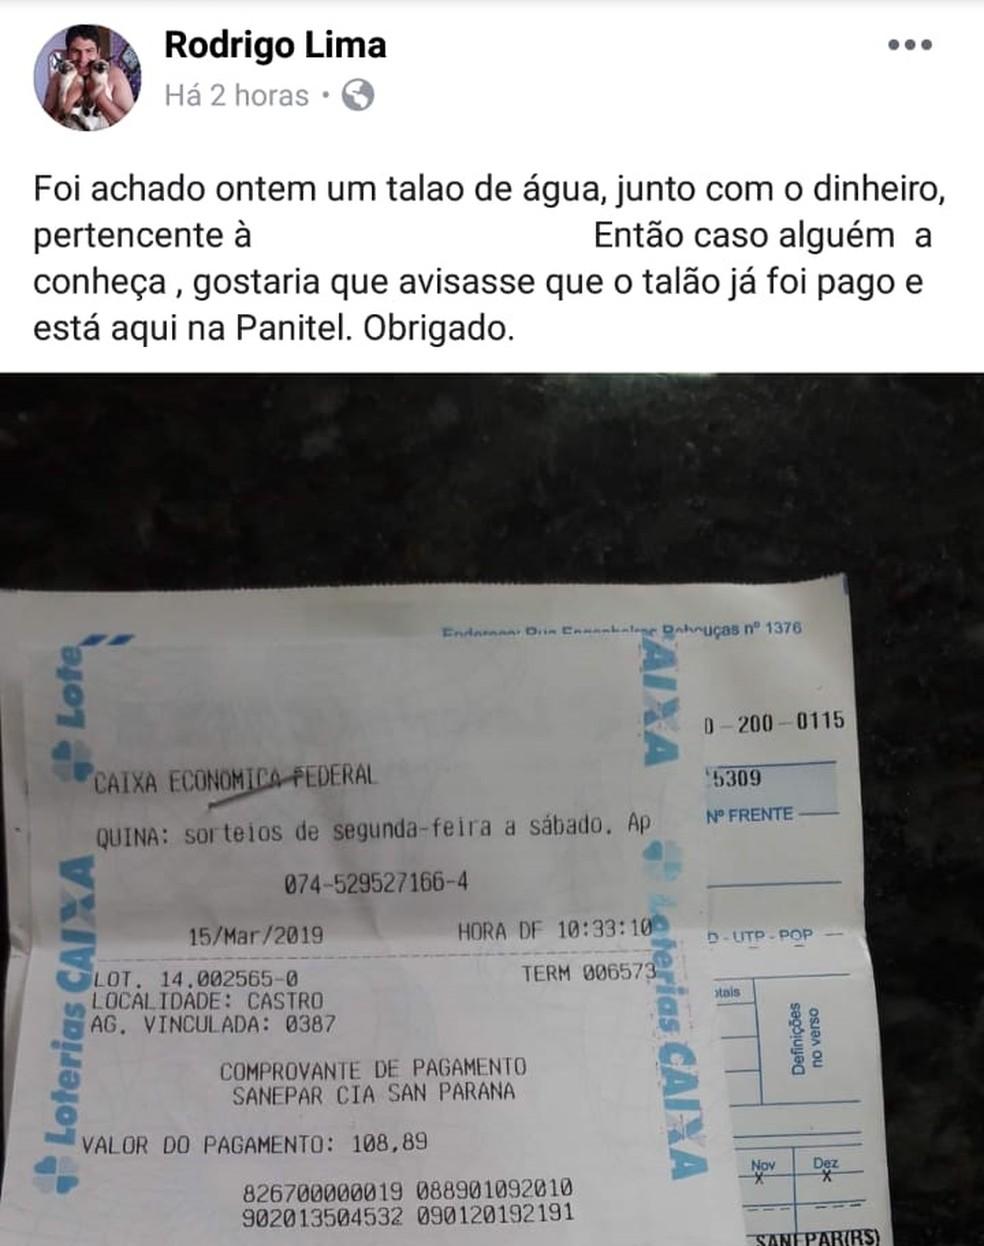 Homem fez post em rede social para tentar encontrar dona do boleto — Foto: Reprodução/Facebook